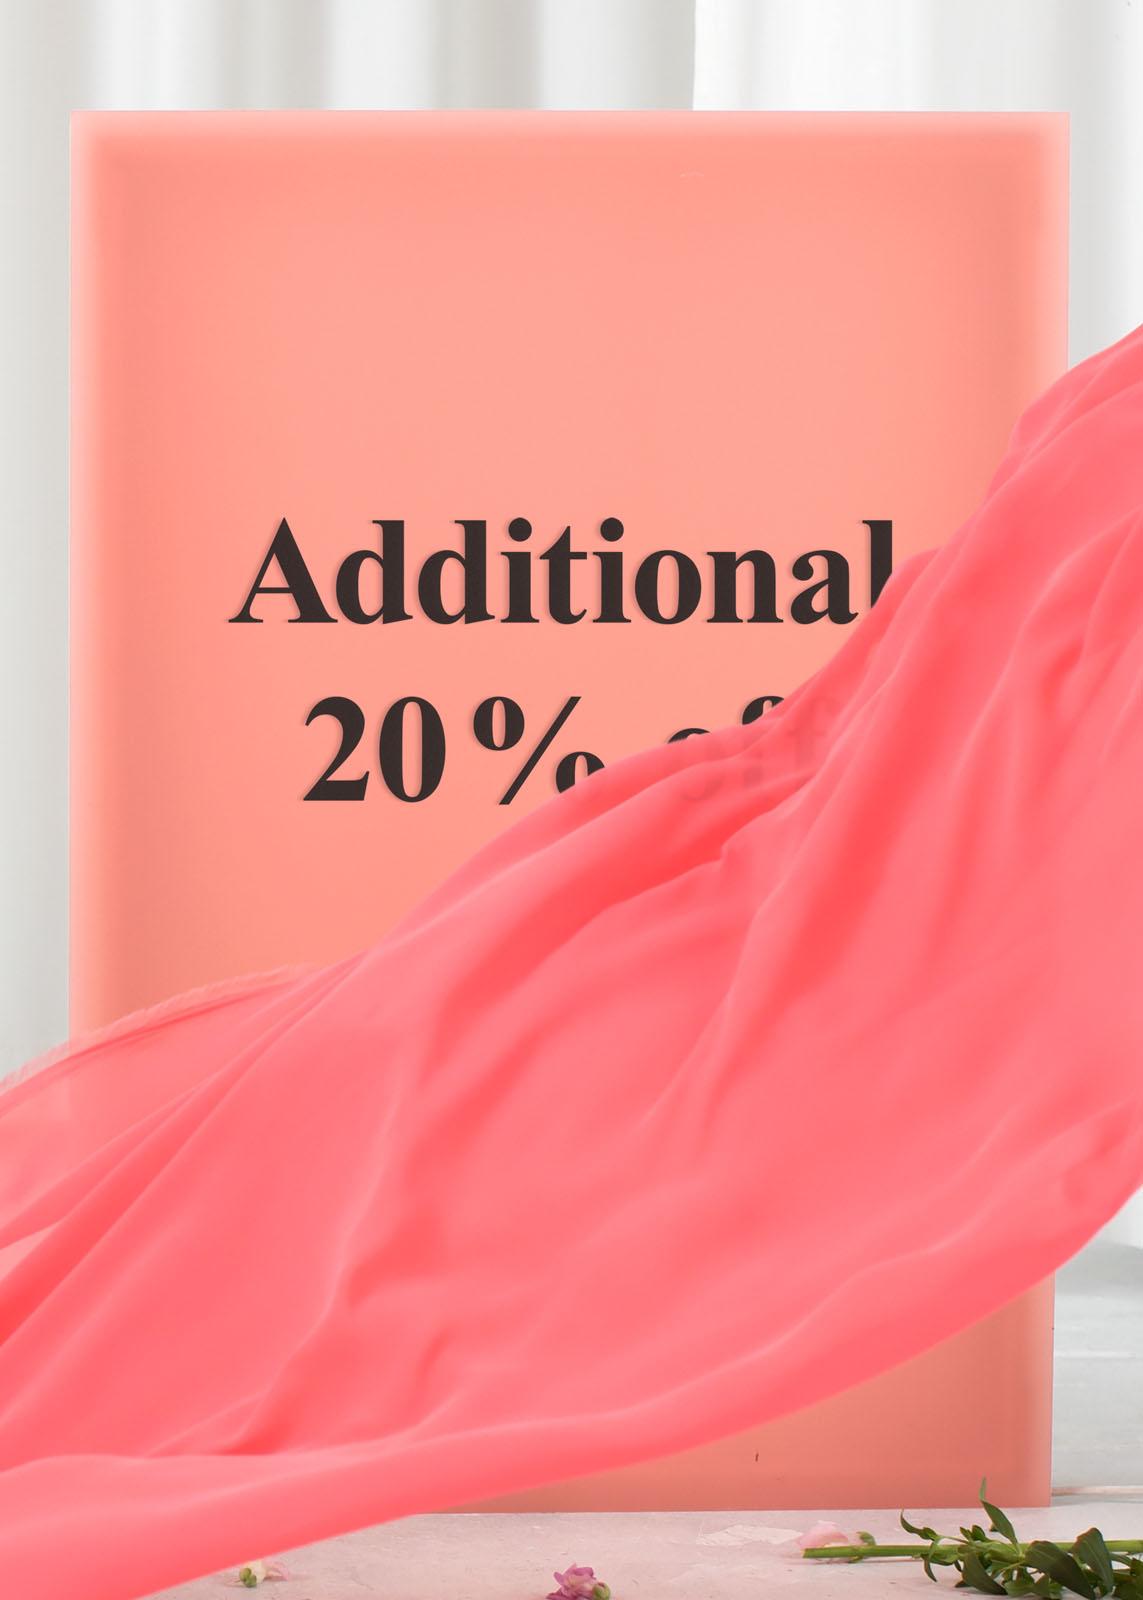 [&other stories] zusätzlich 20% auf den Sale bis zum 13.08.18!